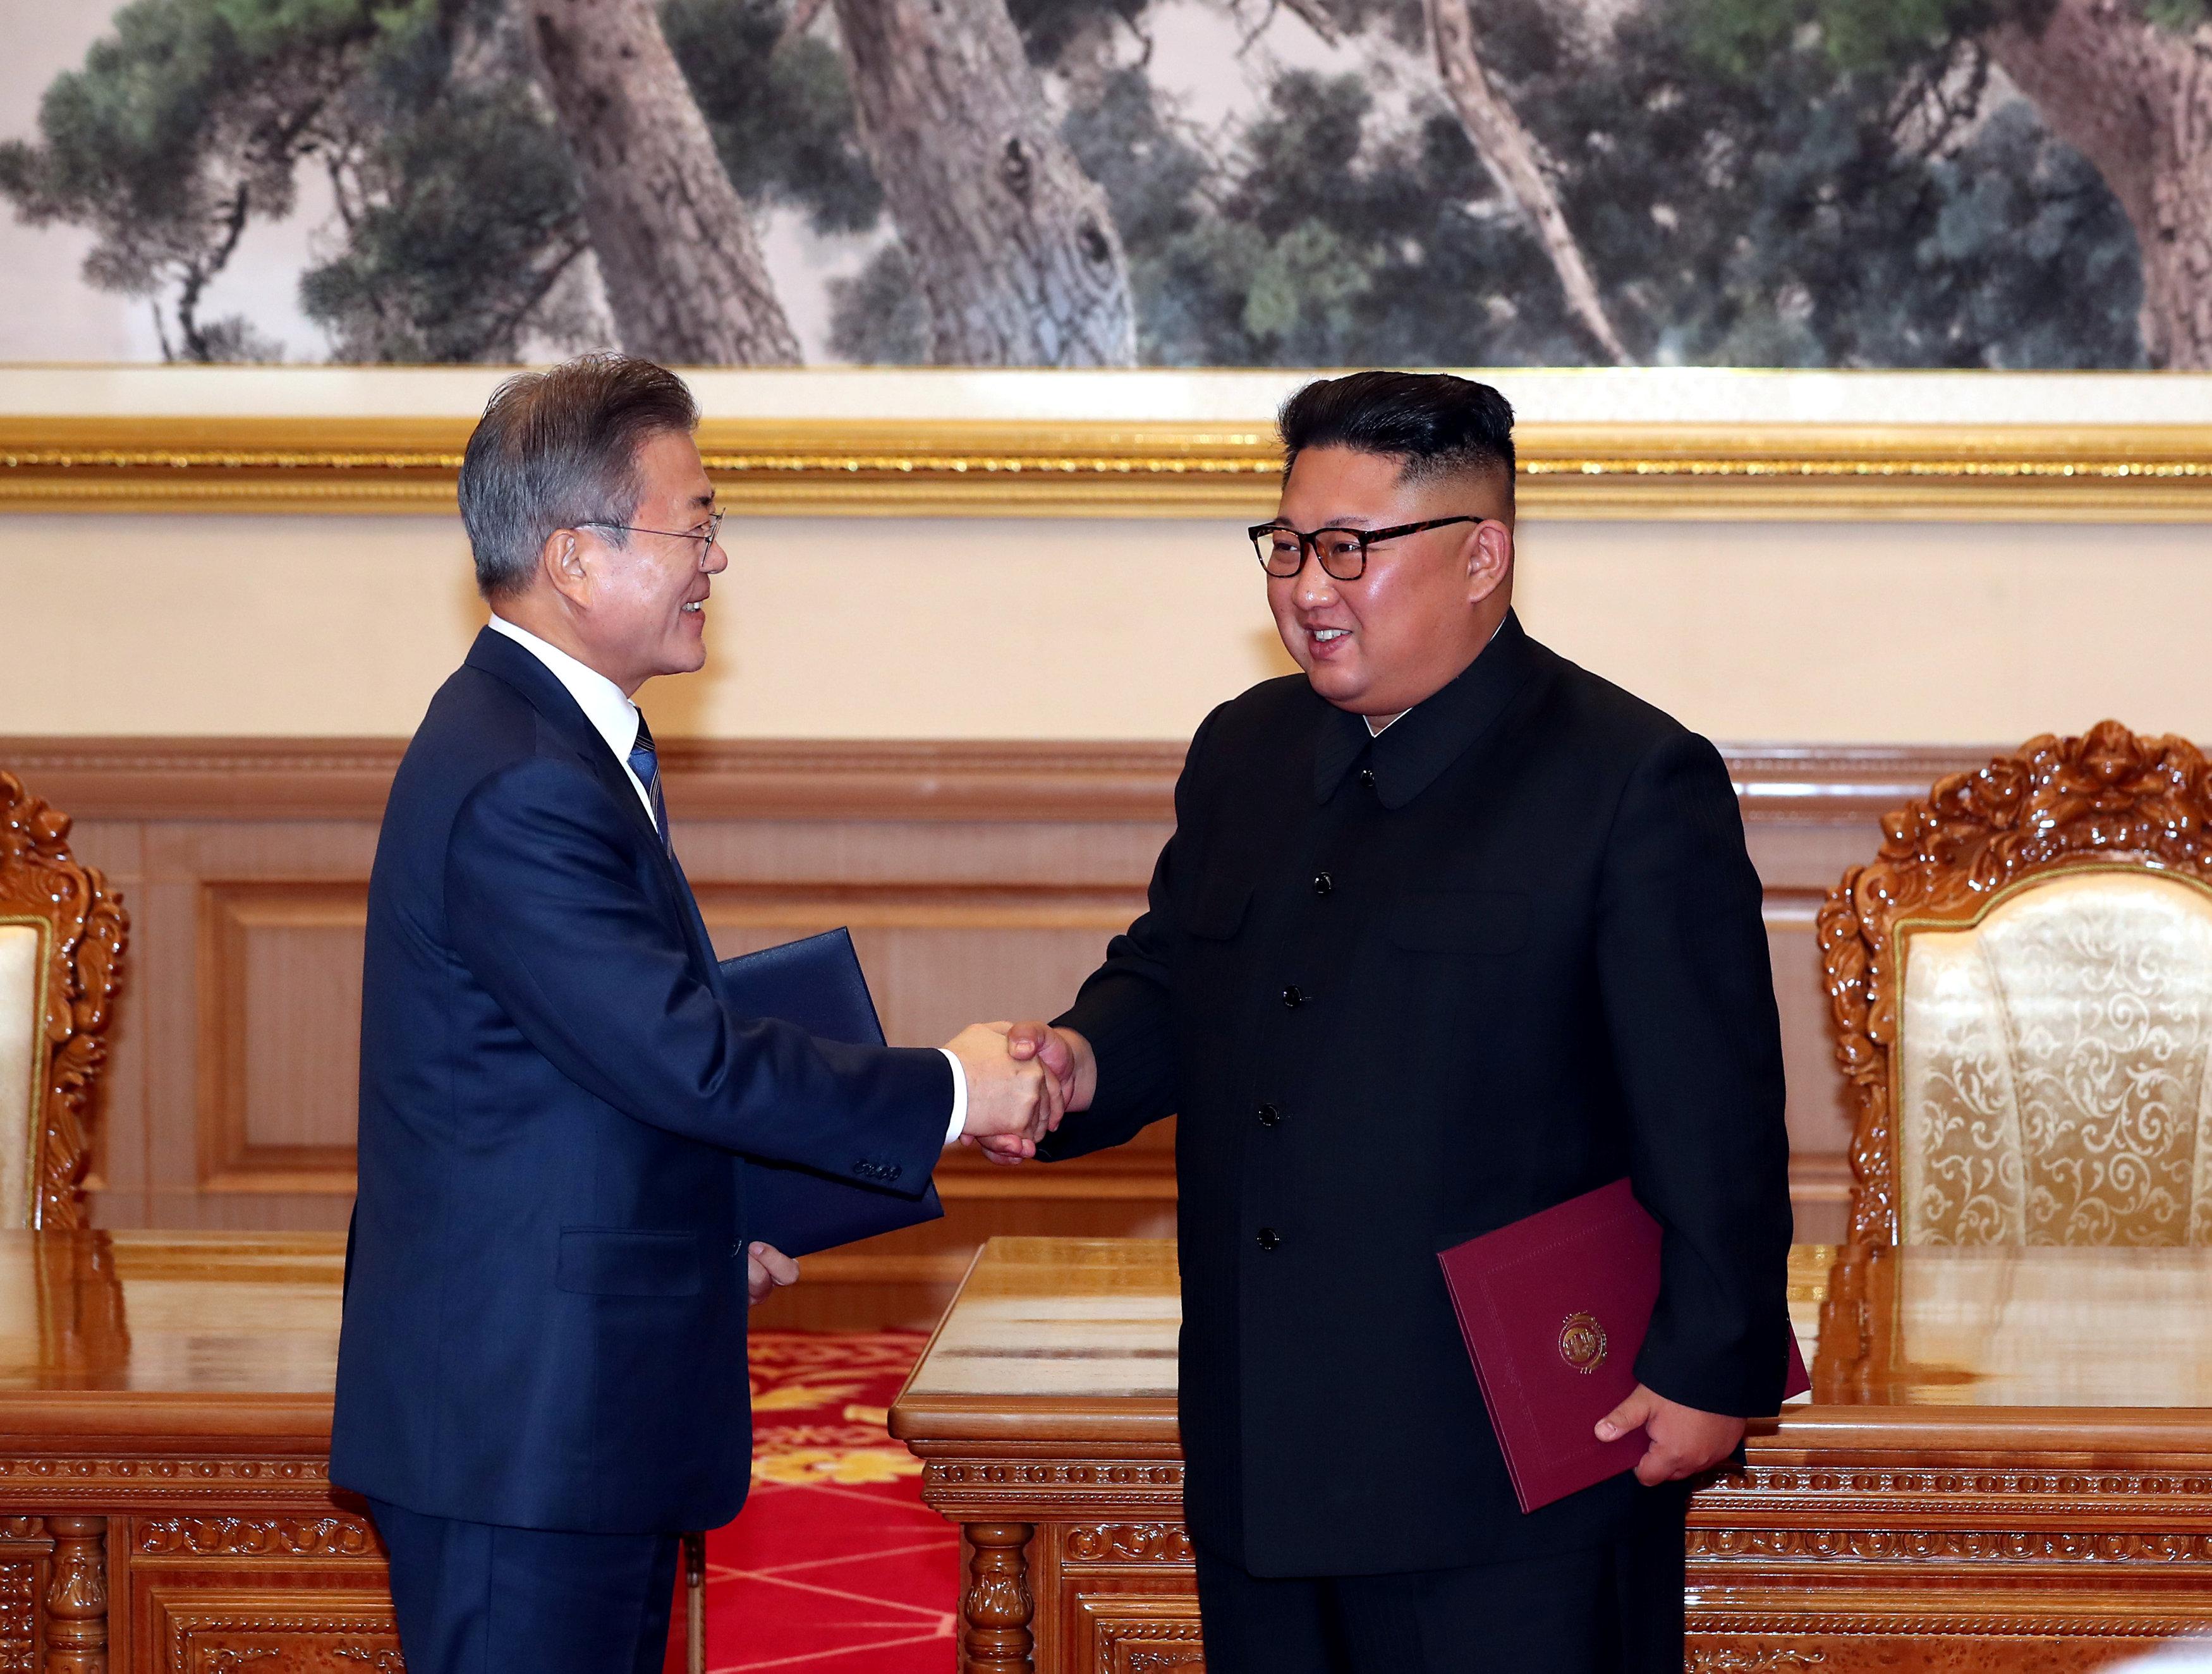 مصافحة بين زعيما الكوريتين بعد التوقيع على اتفاق